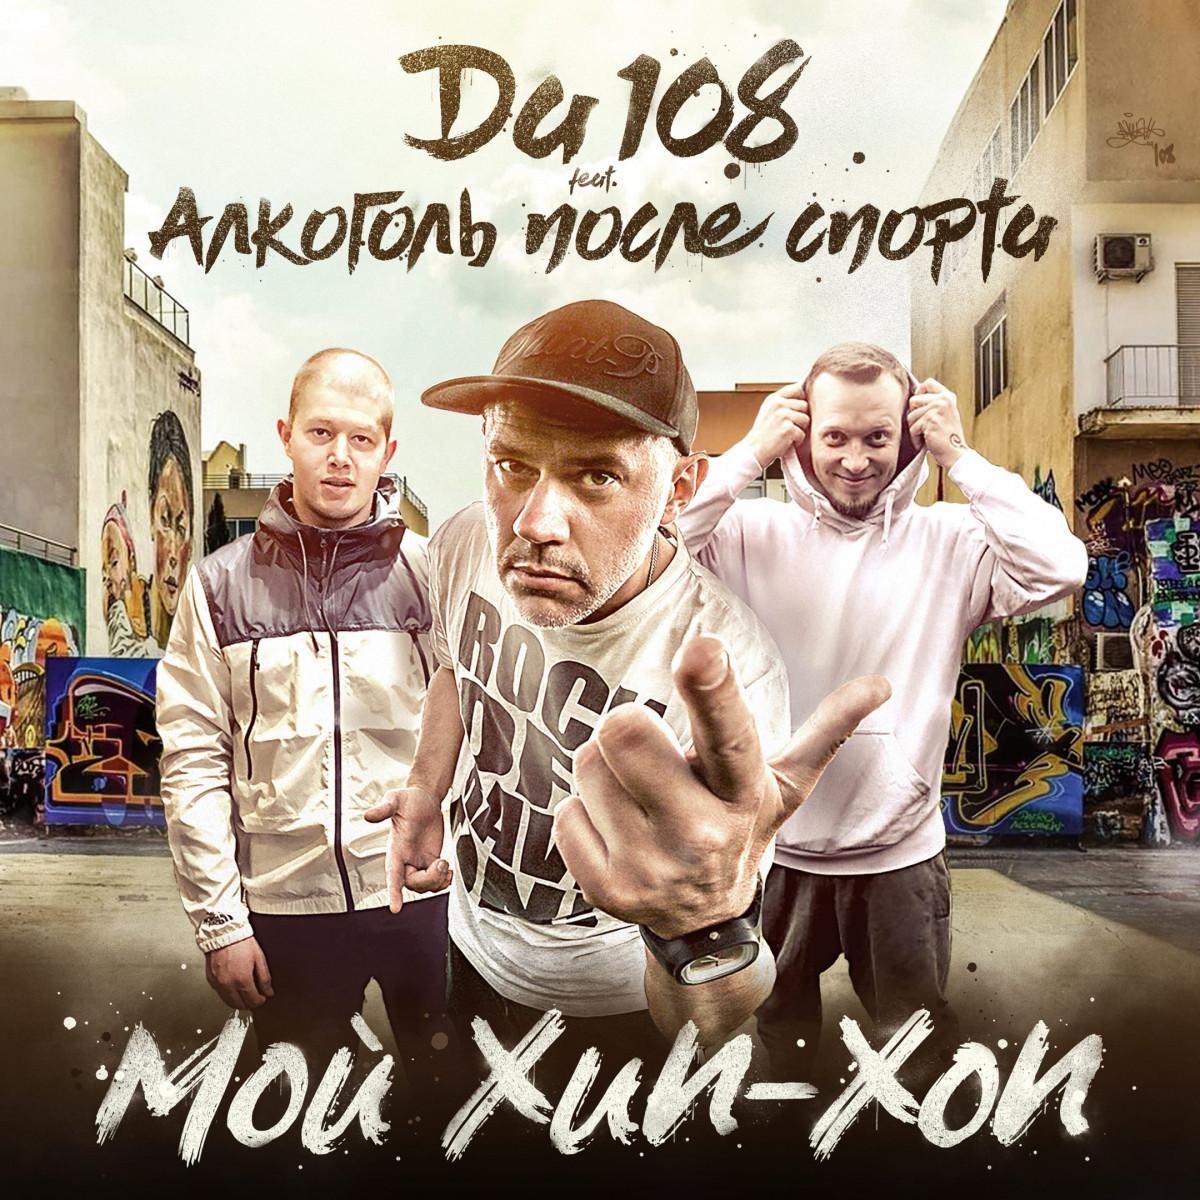 DA108 — «Мой хип-хоп» (feat. Алкоголь После Спорта)